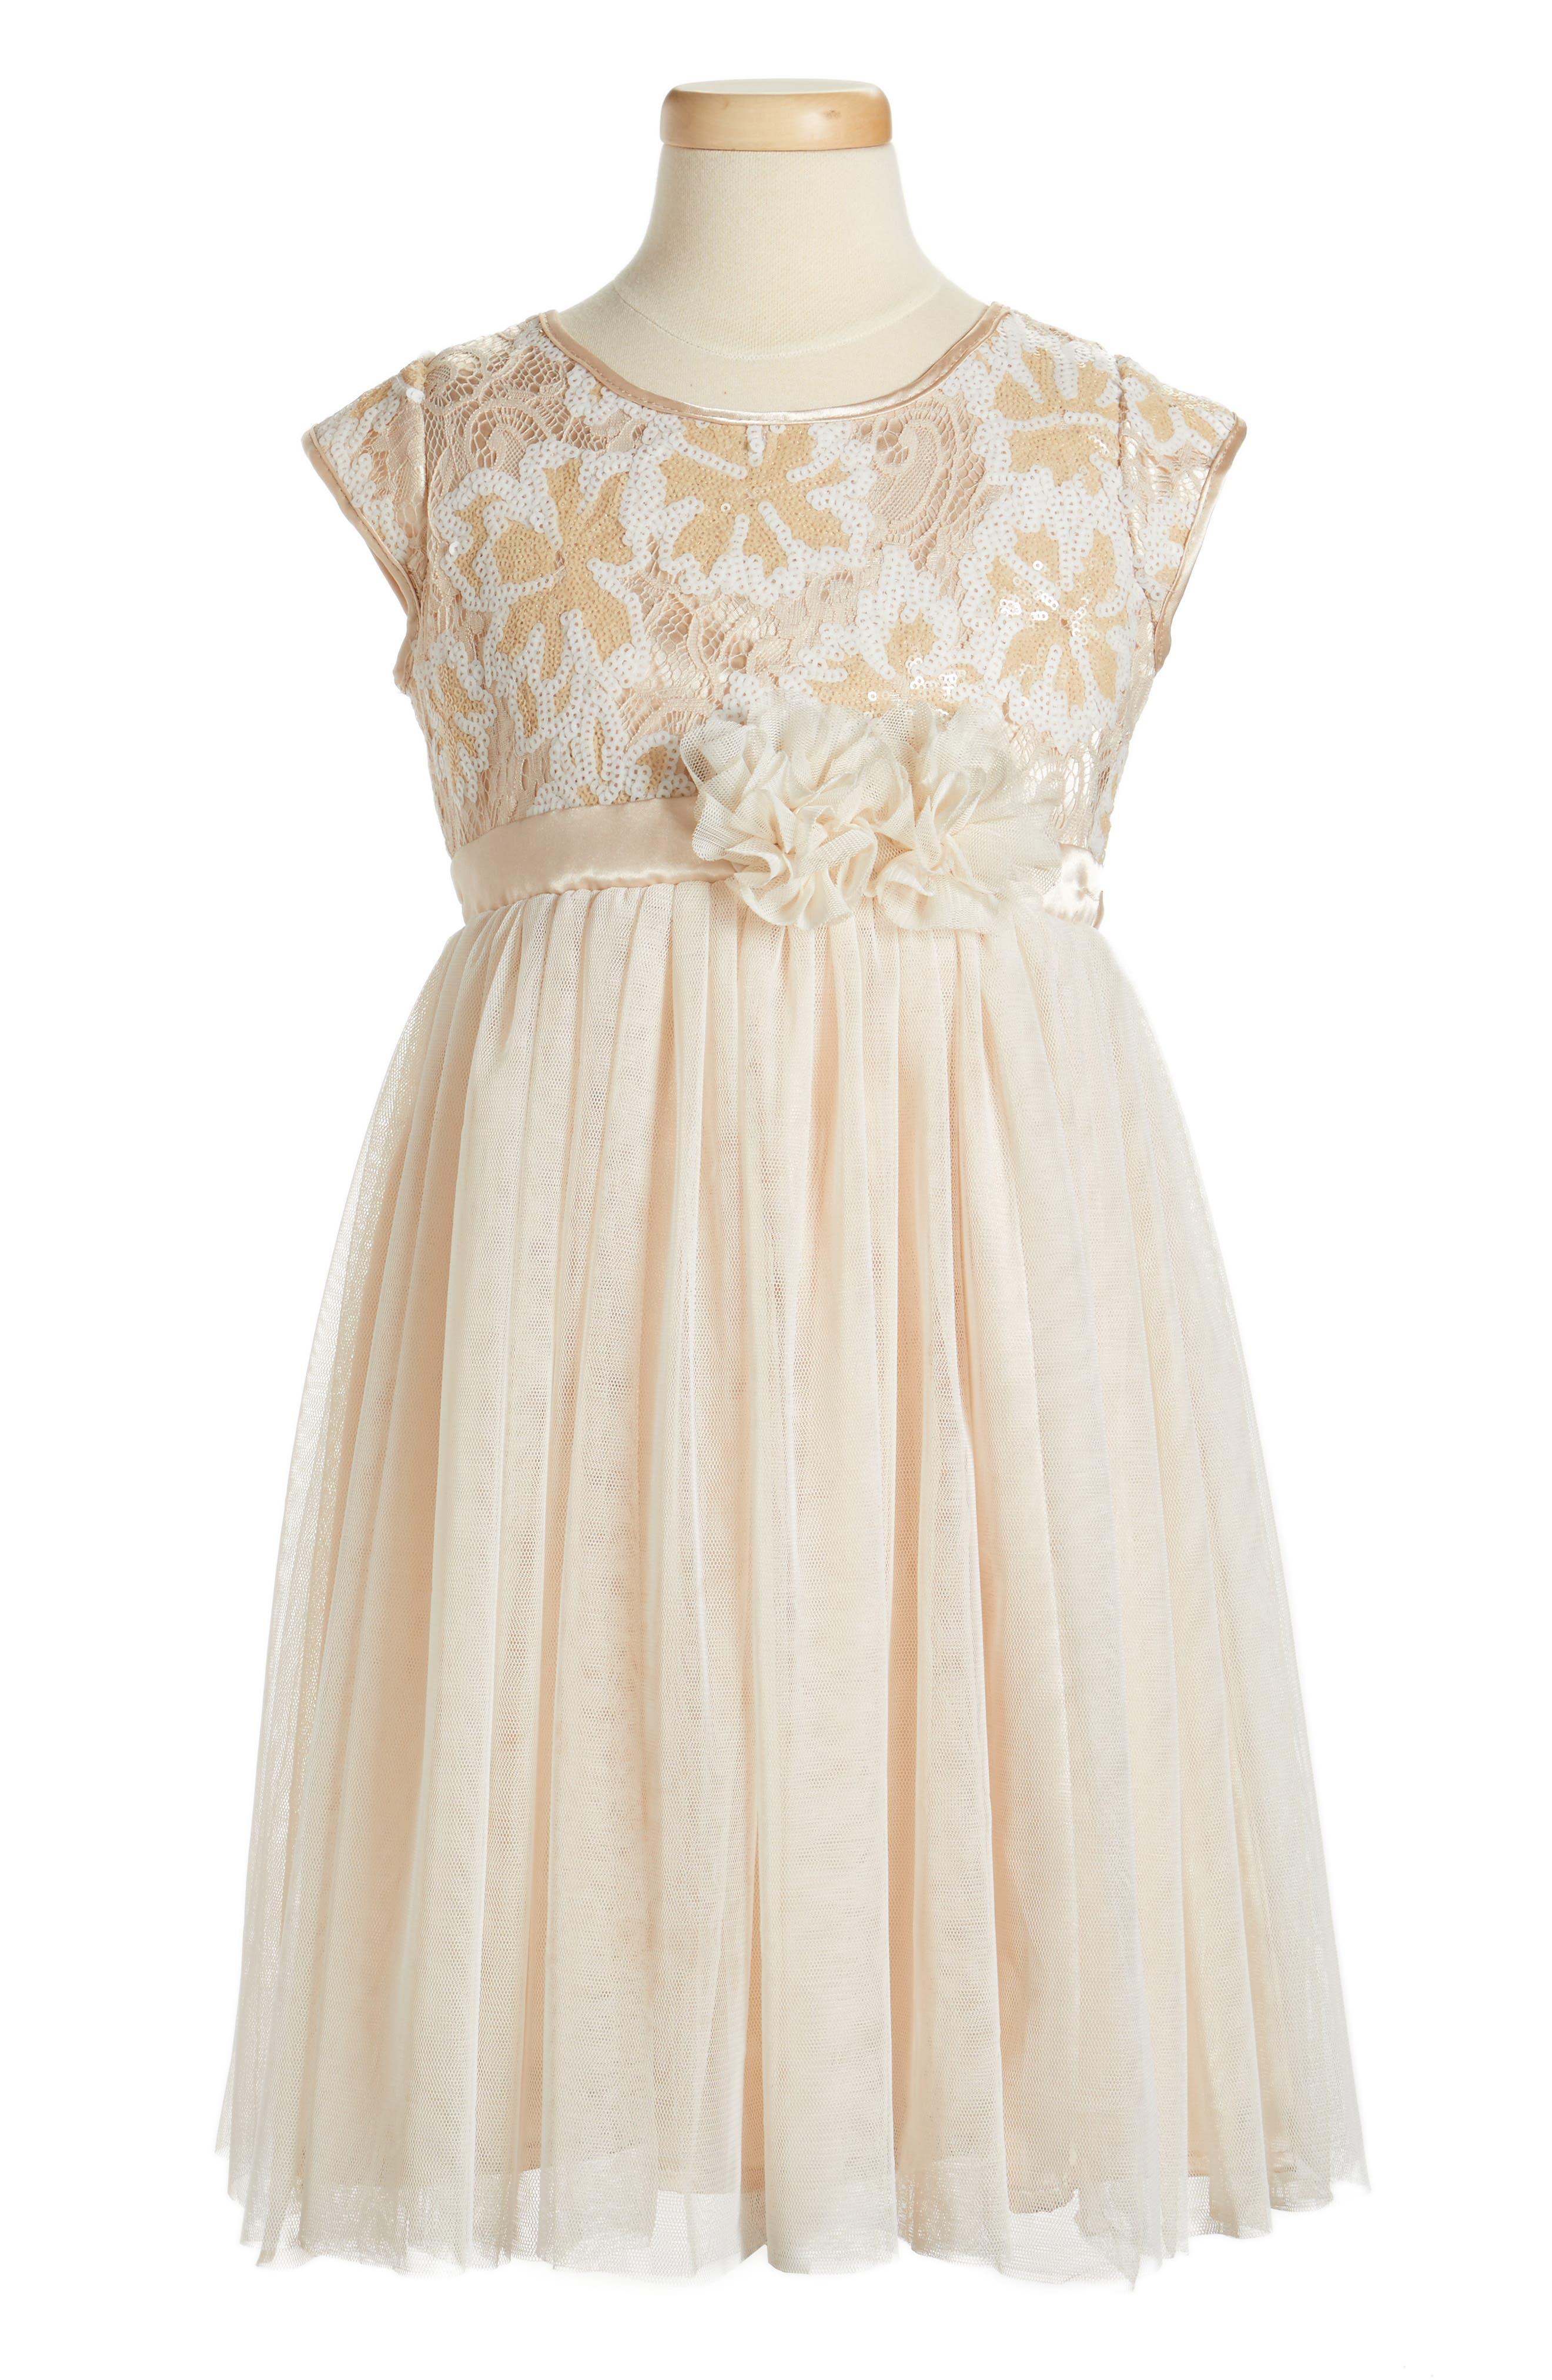 Sequin Flower Dress,                             Main thumbnail 1, color,                             900